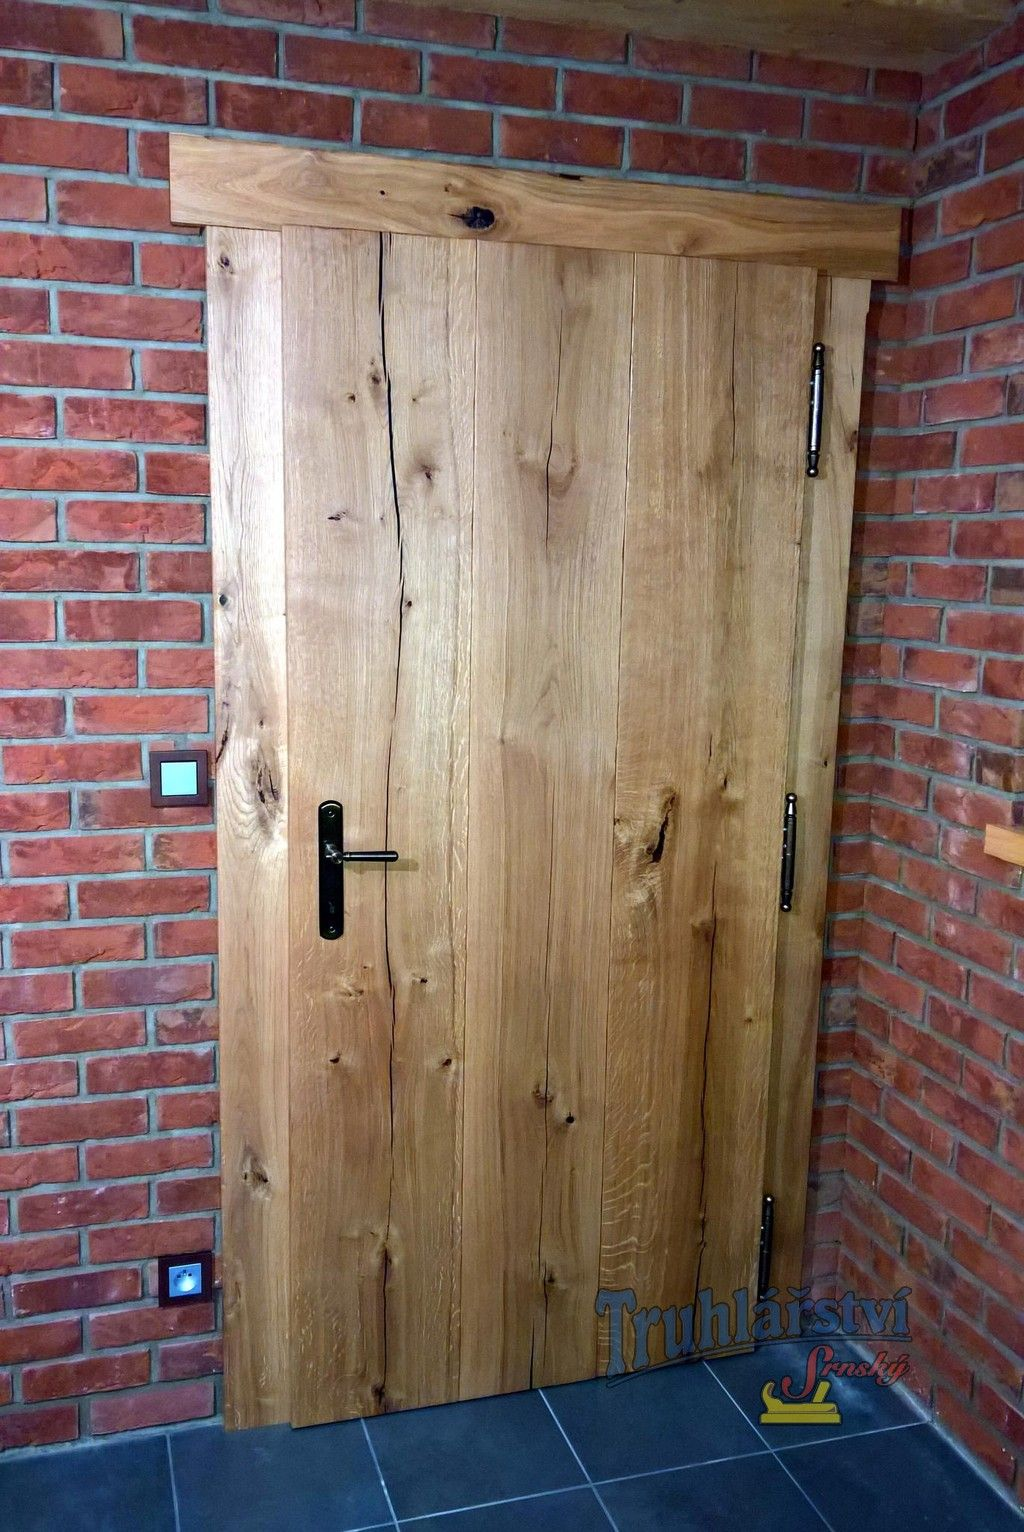 Planked interior doors in the doorframe, oak, wood …